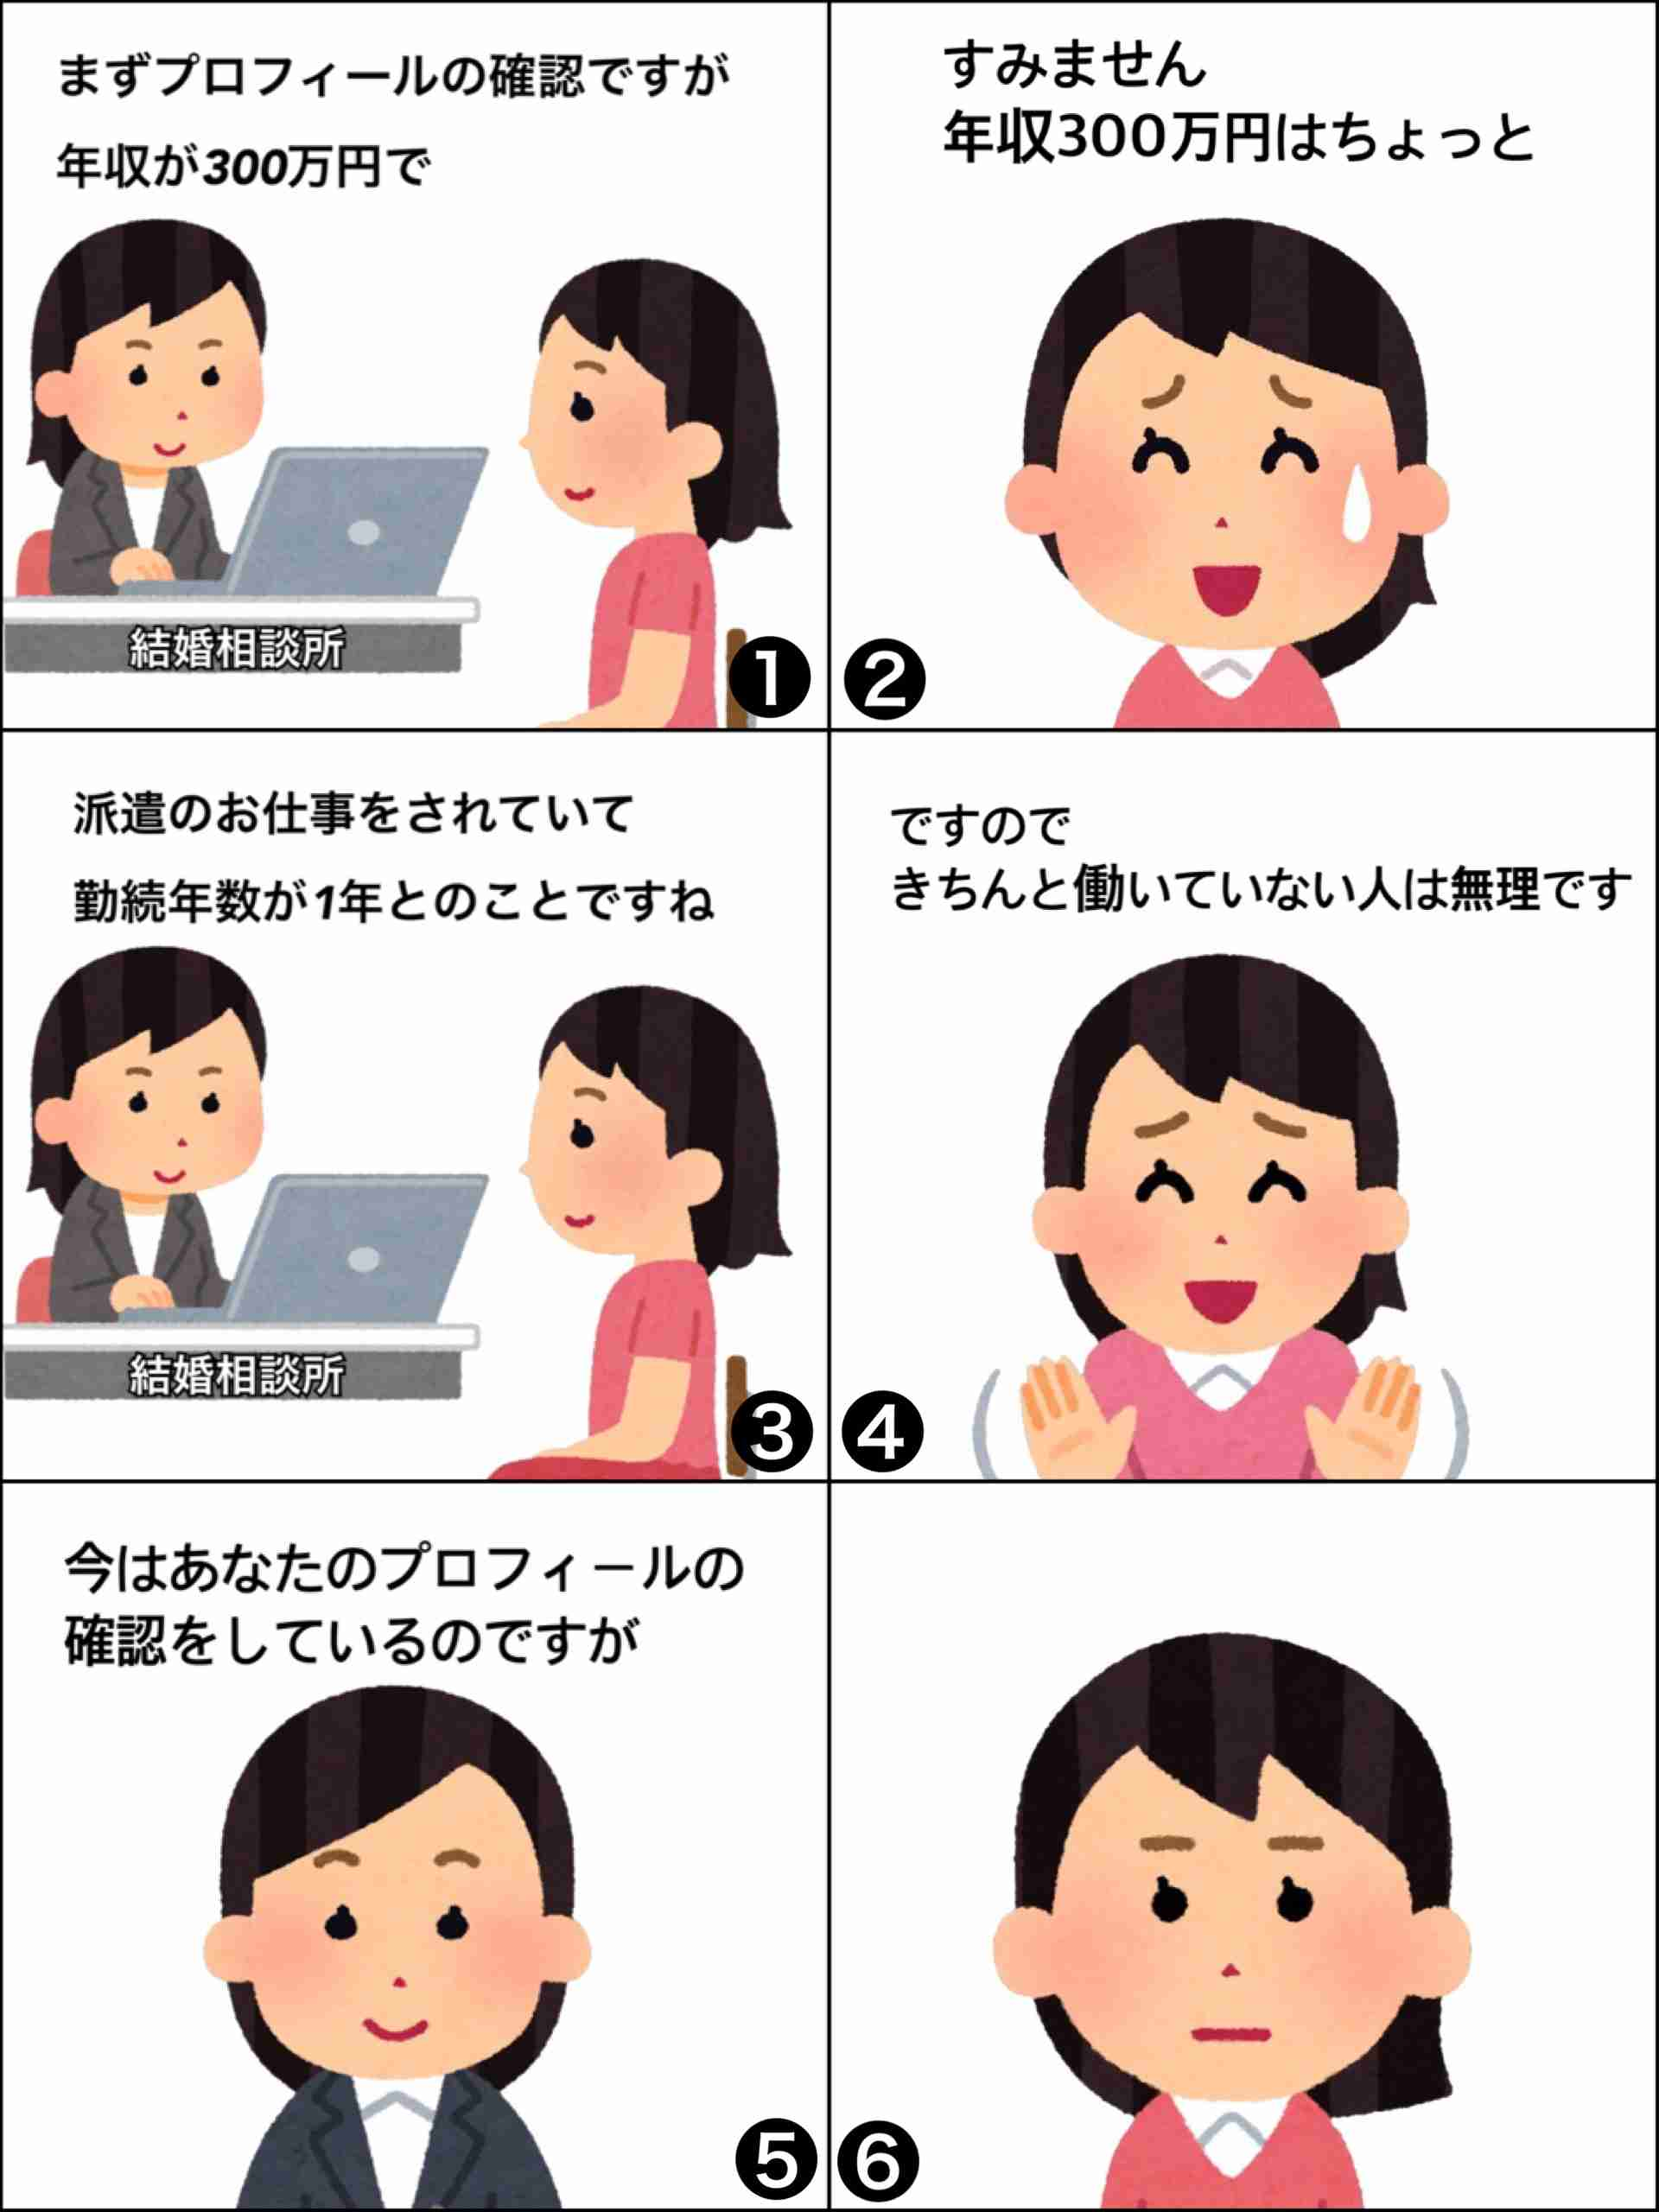 婚活アプリしてる人ー!!